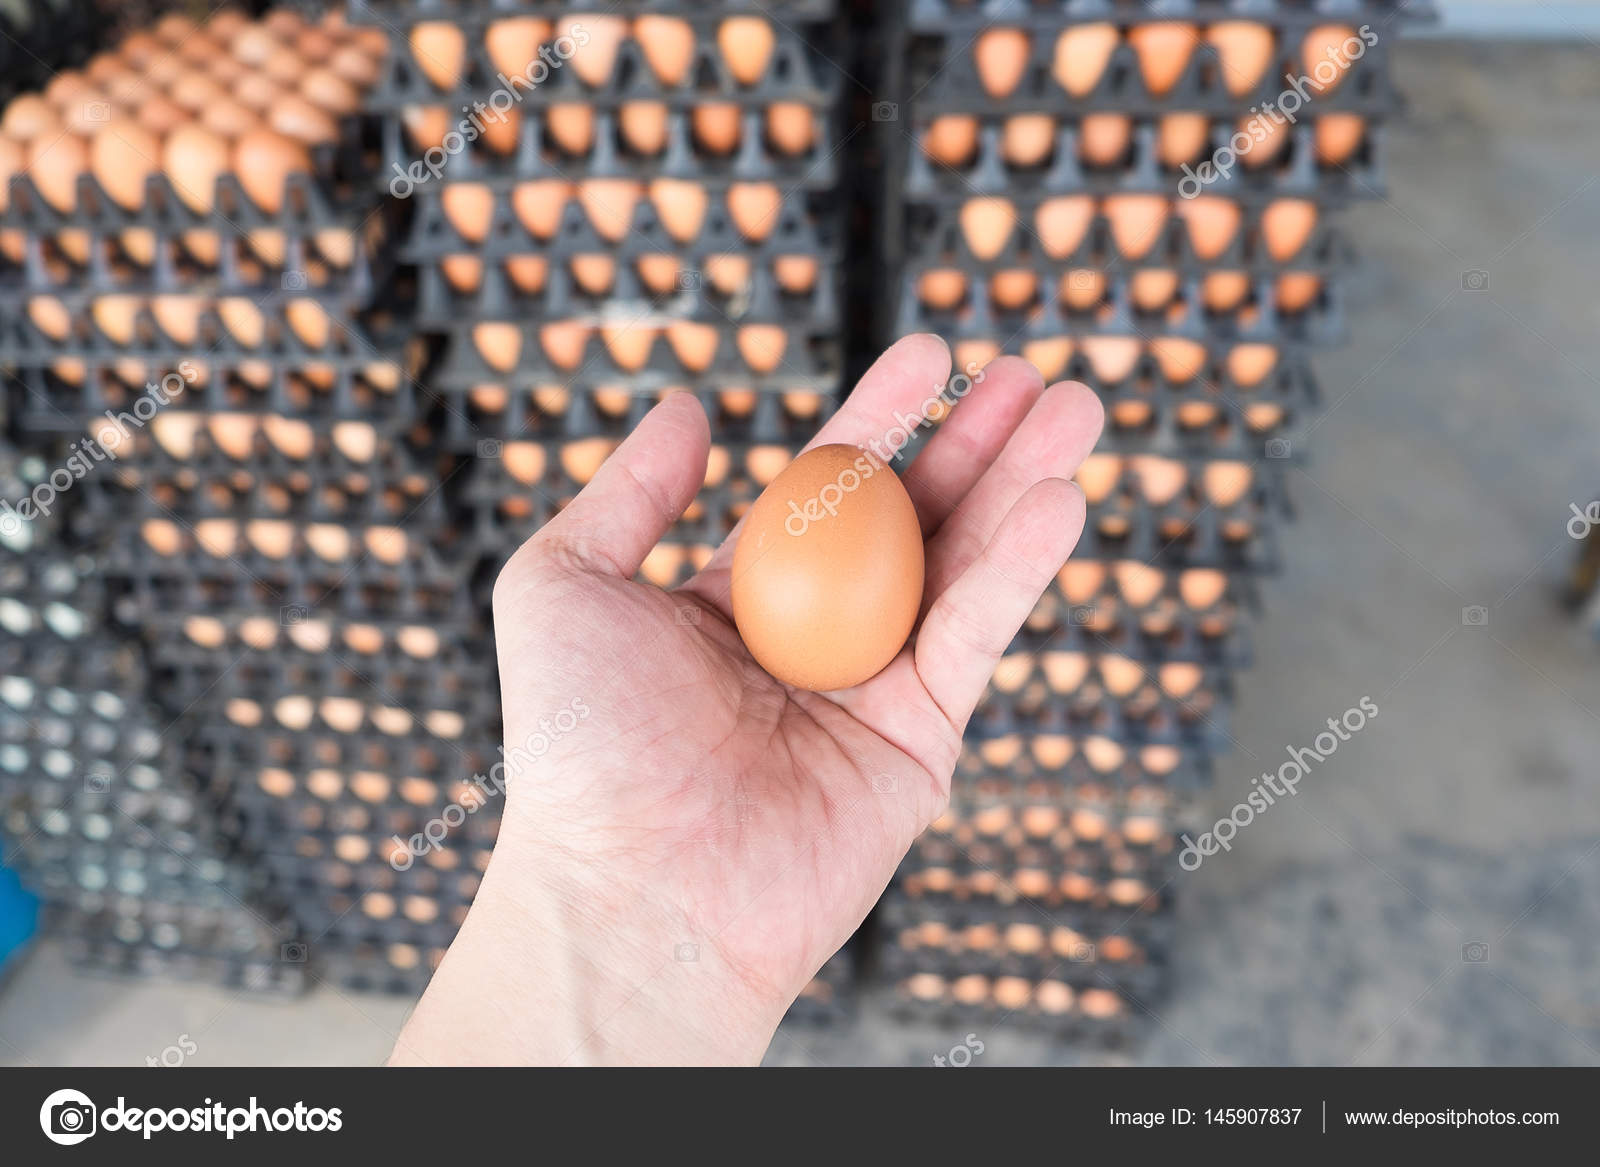 Яички в руке девушки, Русская красотка сжимает в руках мужские яйца и дает 13 фотография